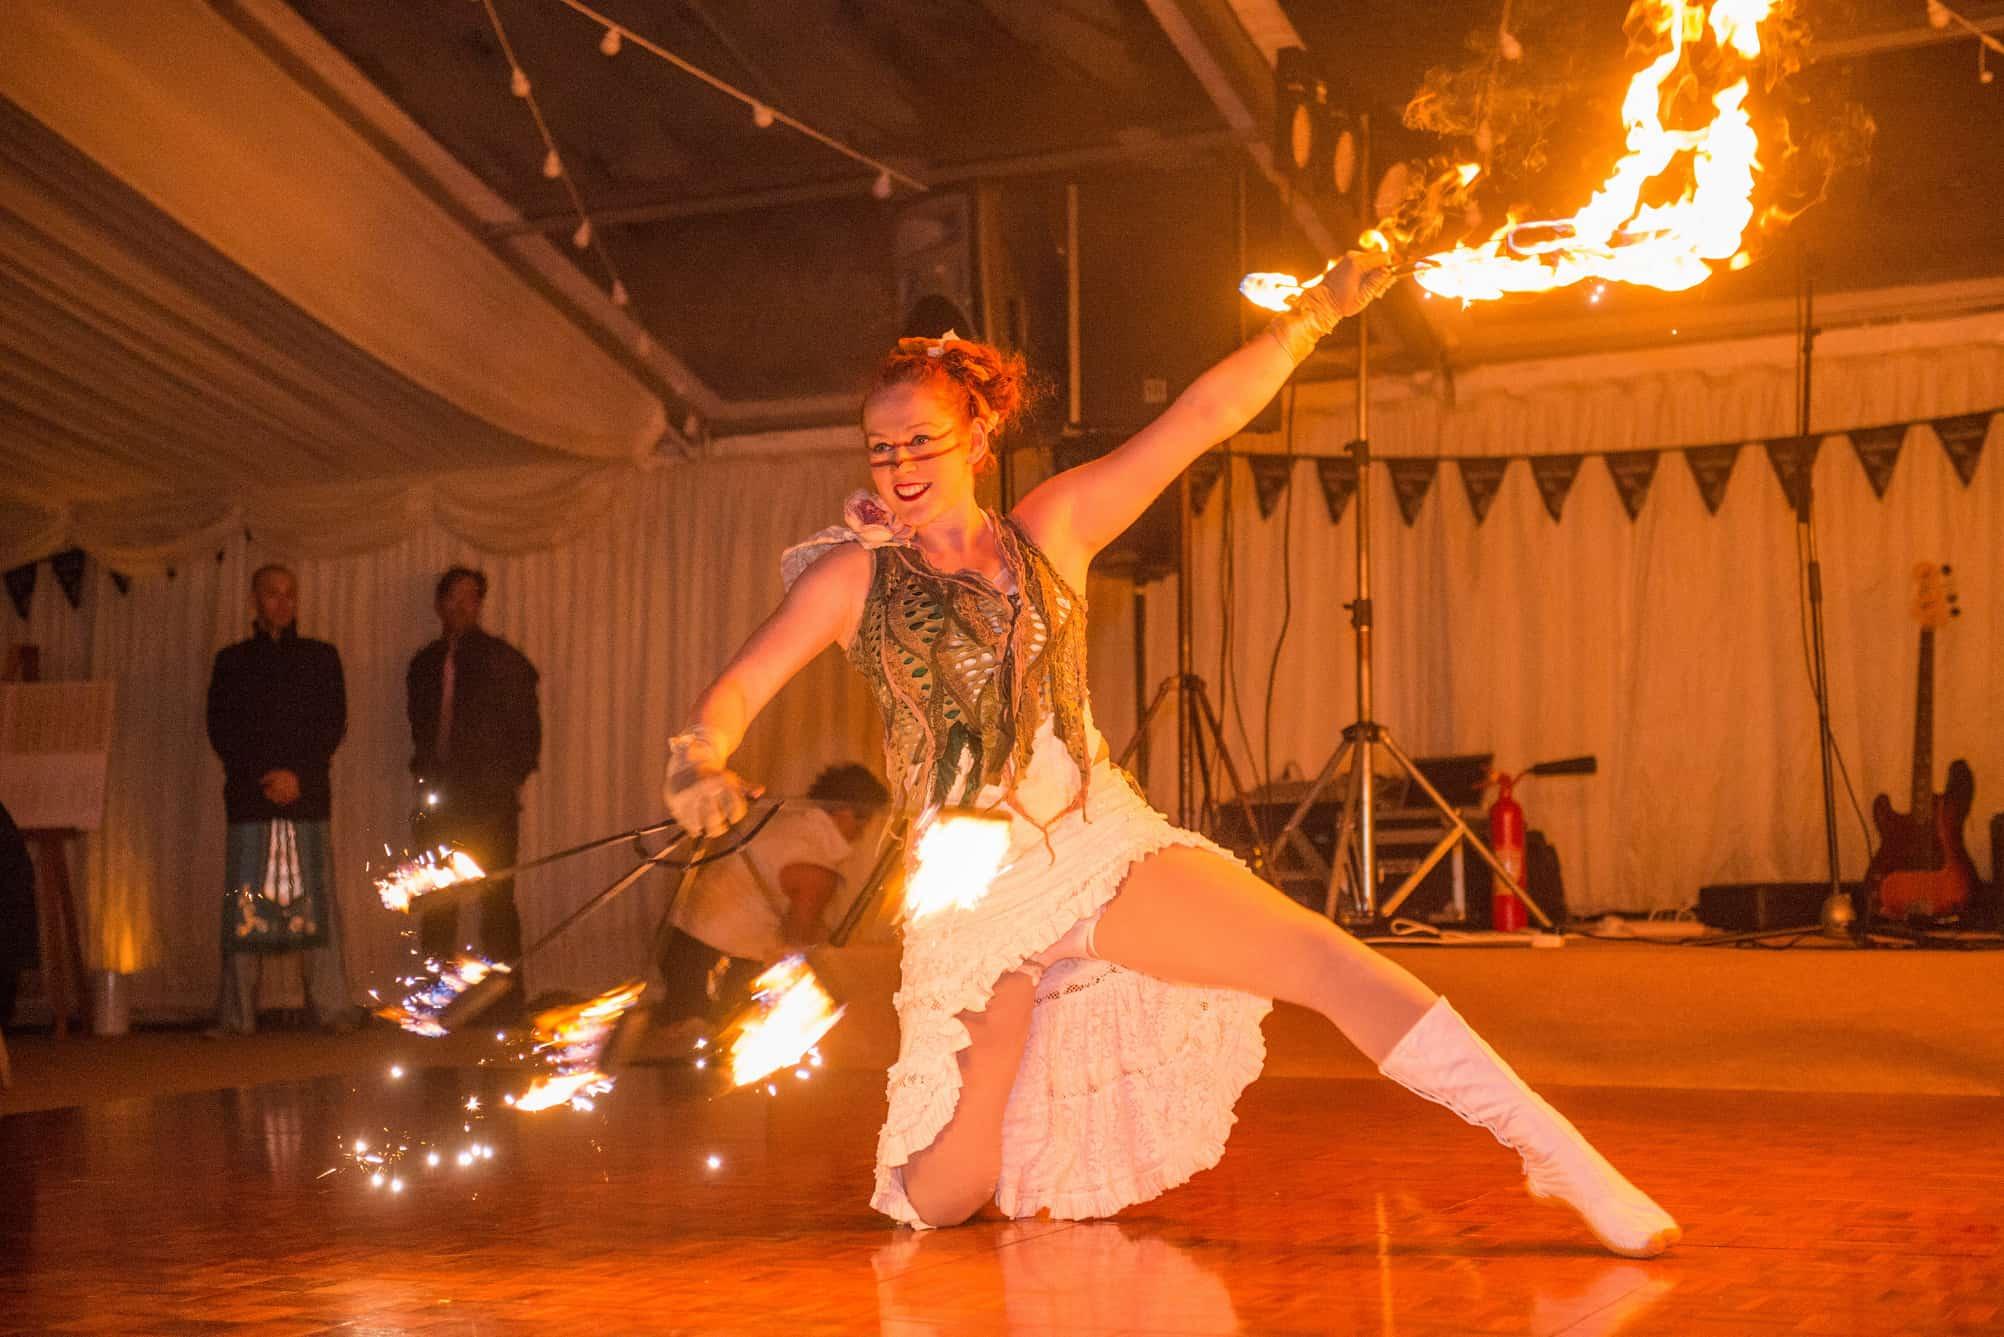 Fire dancer entertainment